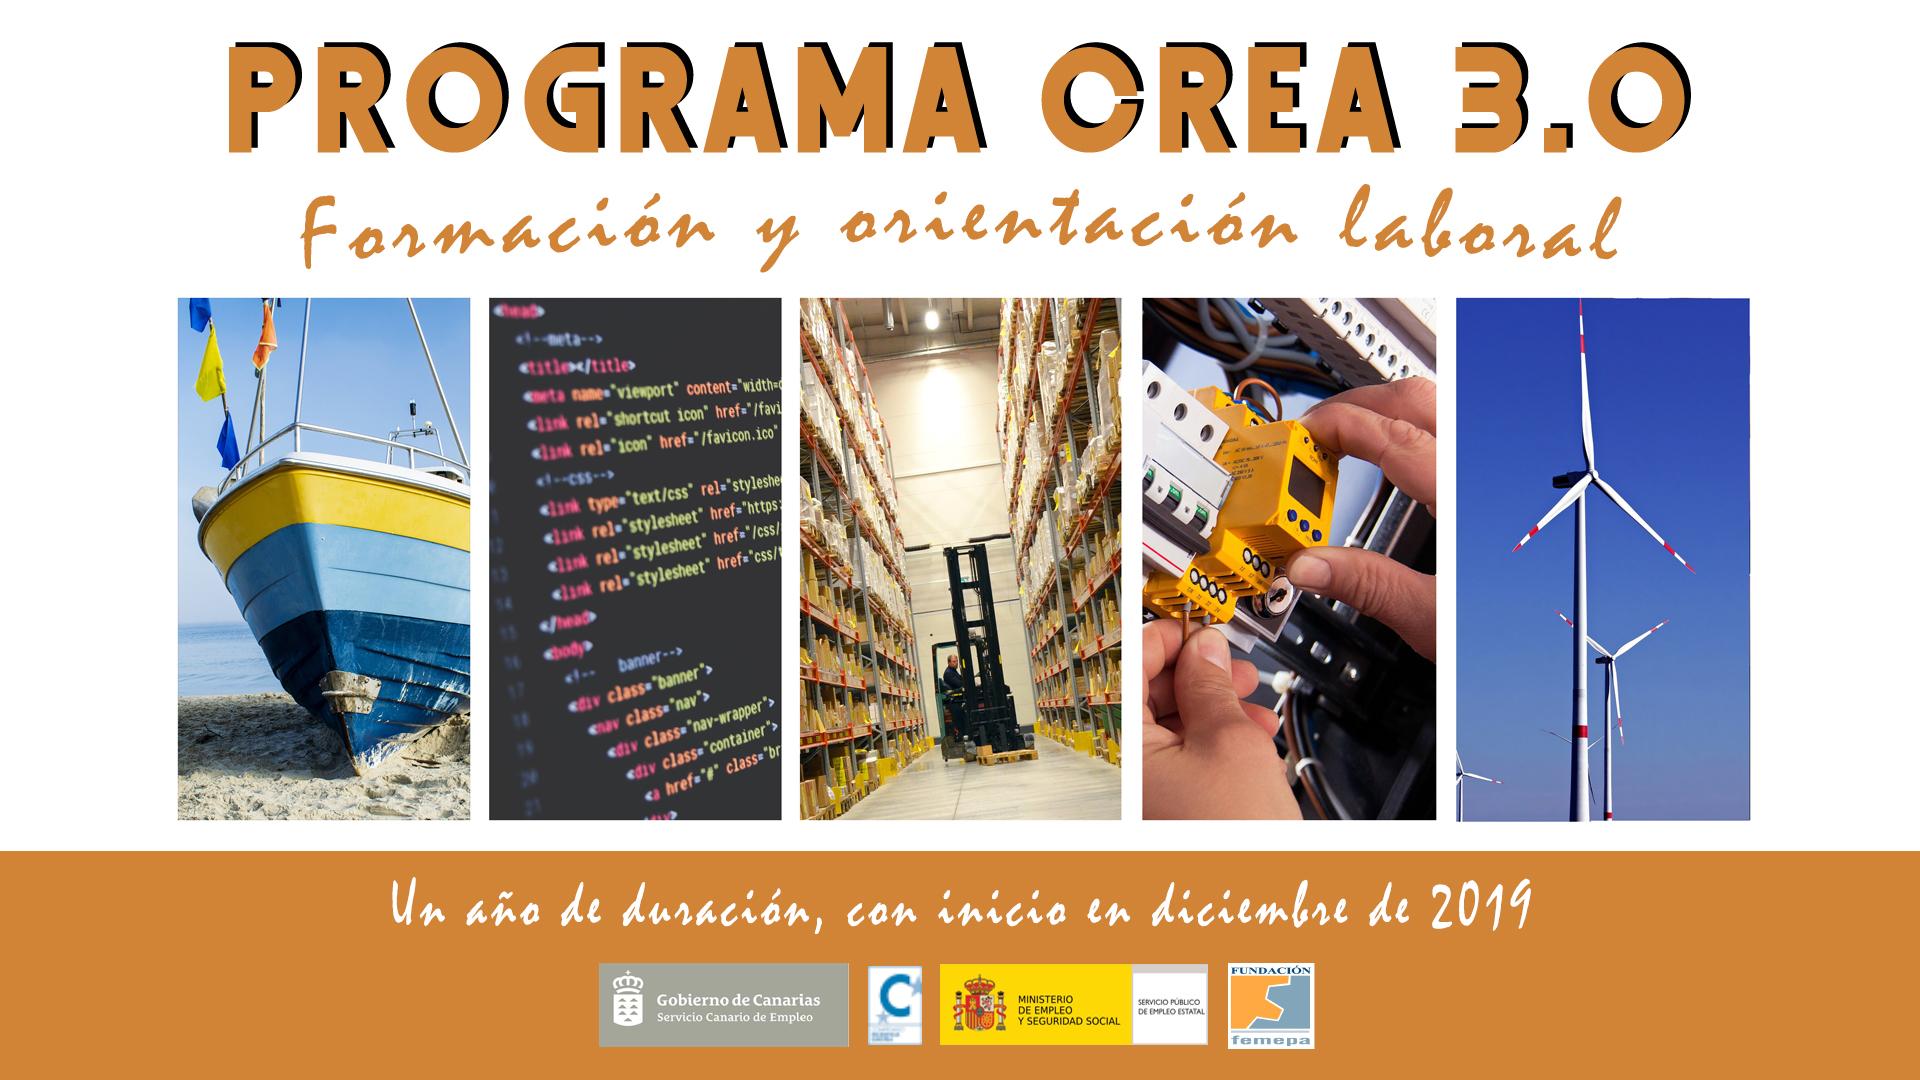 Fundación Femepa comenzará un nuevo Programa Experimental de Empleo en diciembre